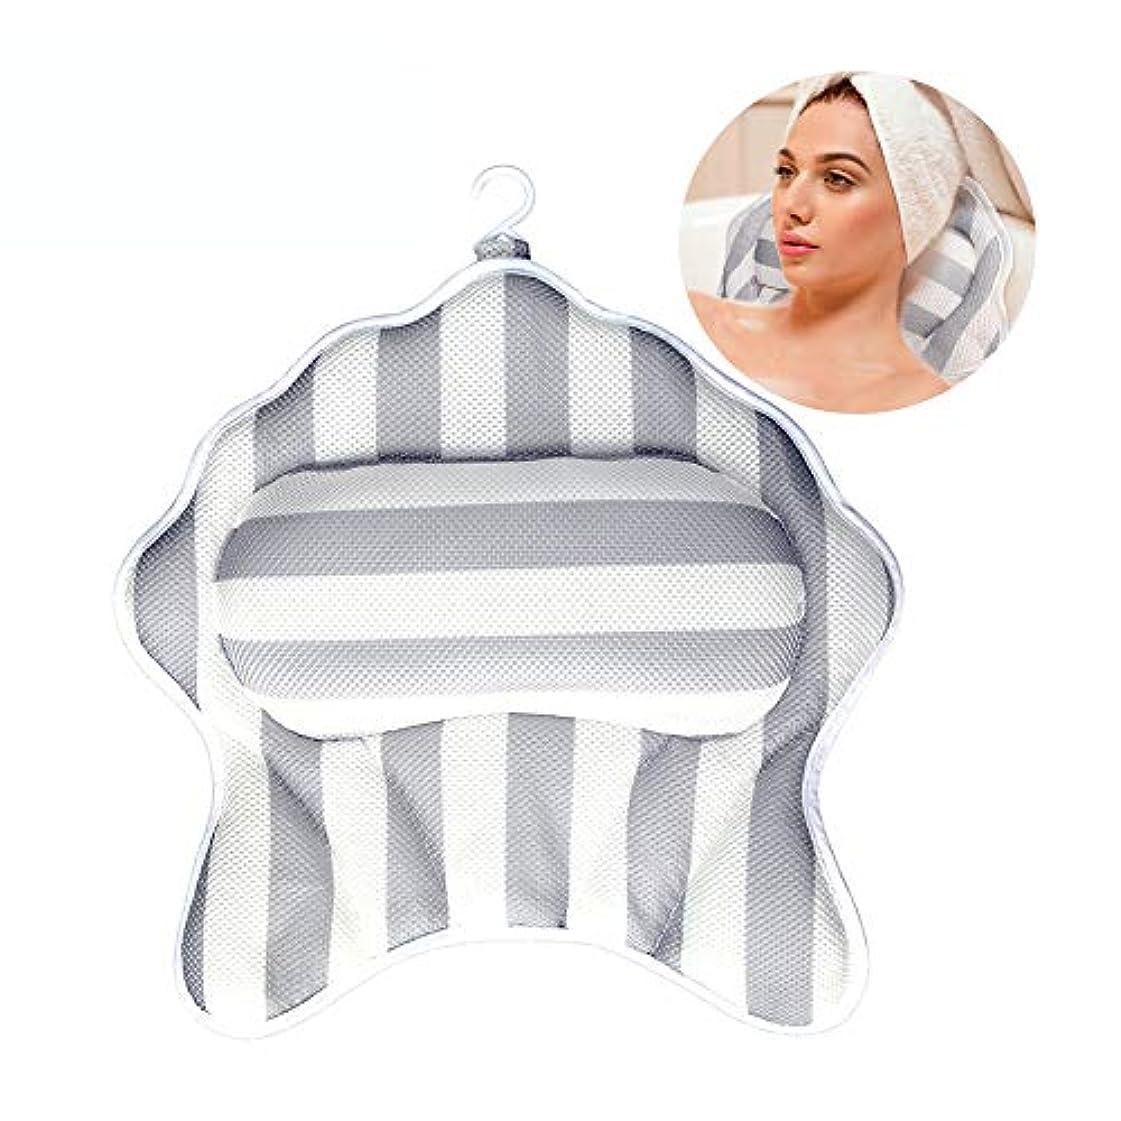 鳩敗北ヘロイン3dメッシュヒトデスパマッサージバスタブ枕浴室枕クッションwith6強い吸引カップは洗濯機で洗えます